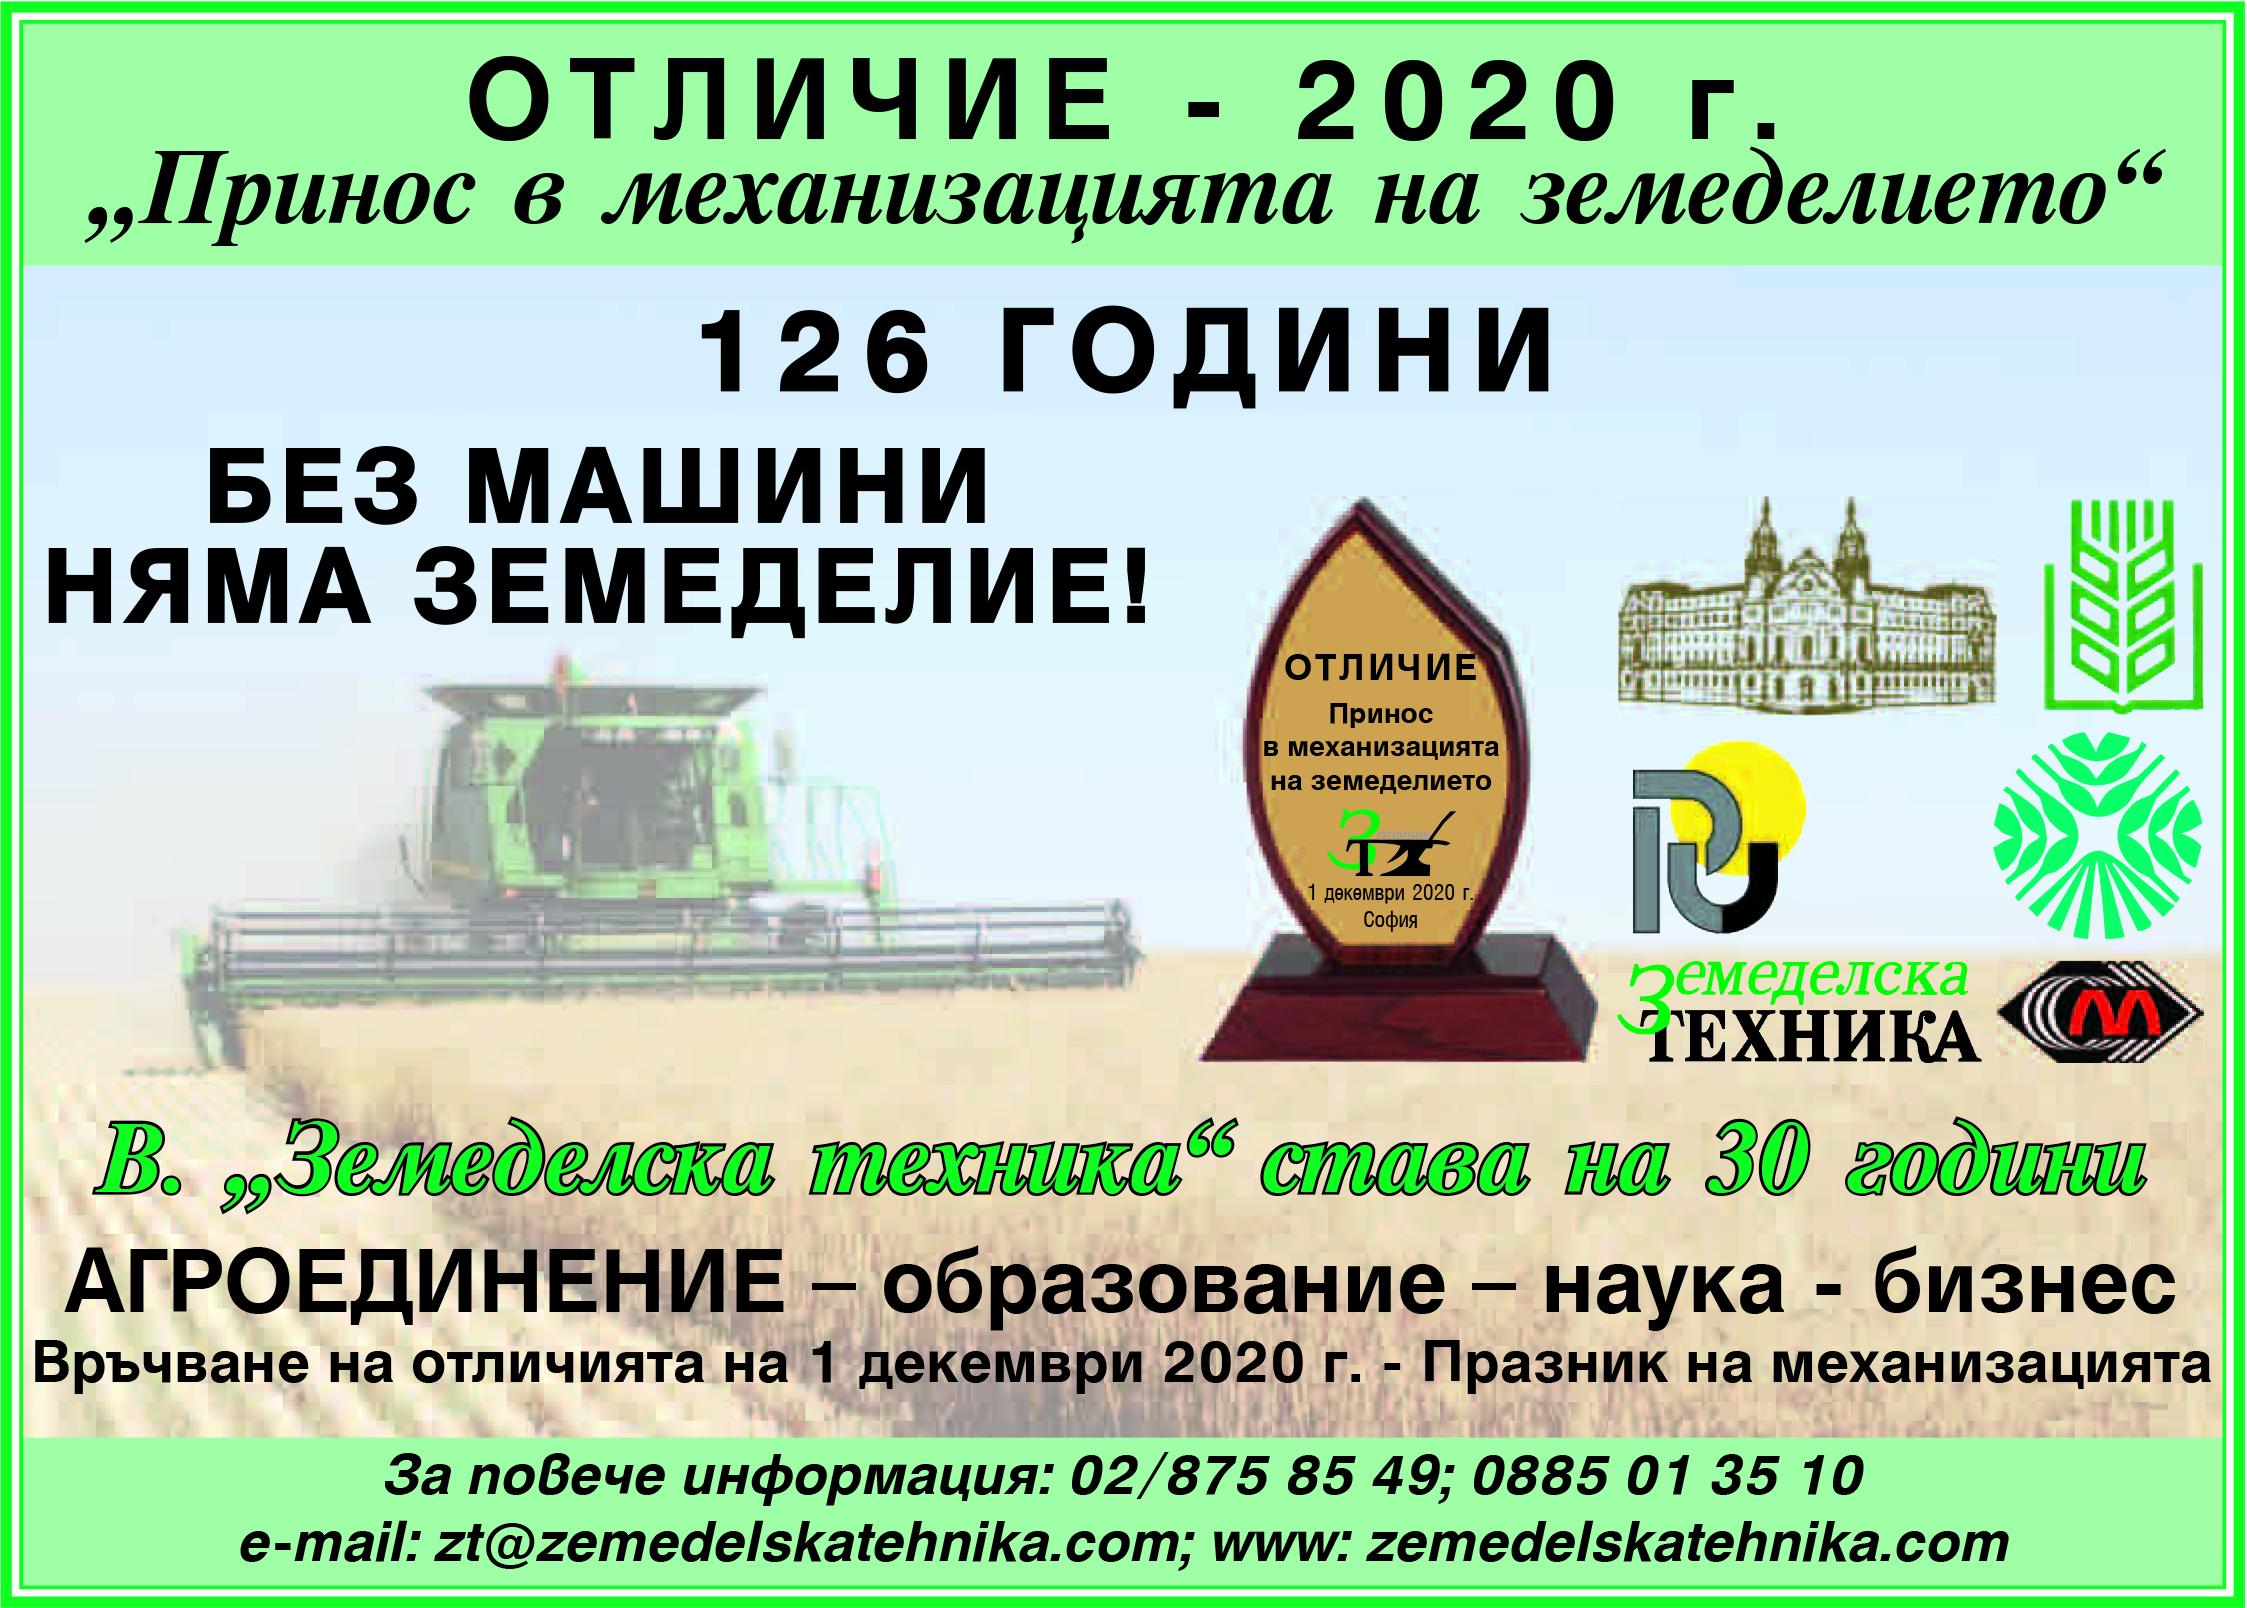 ZT_07_2020_d.indd